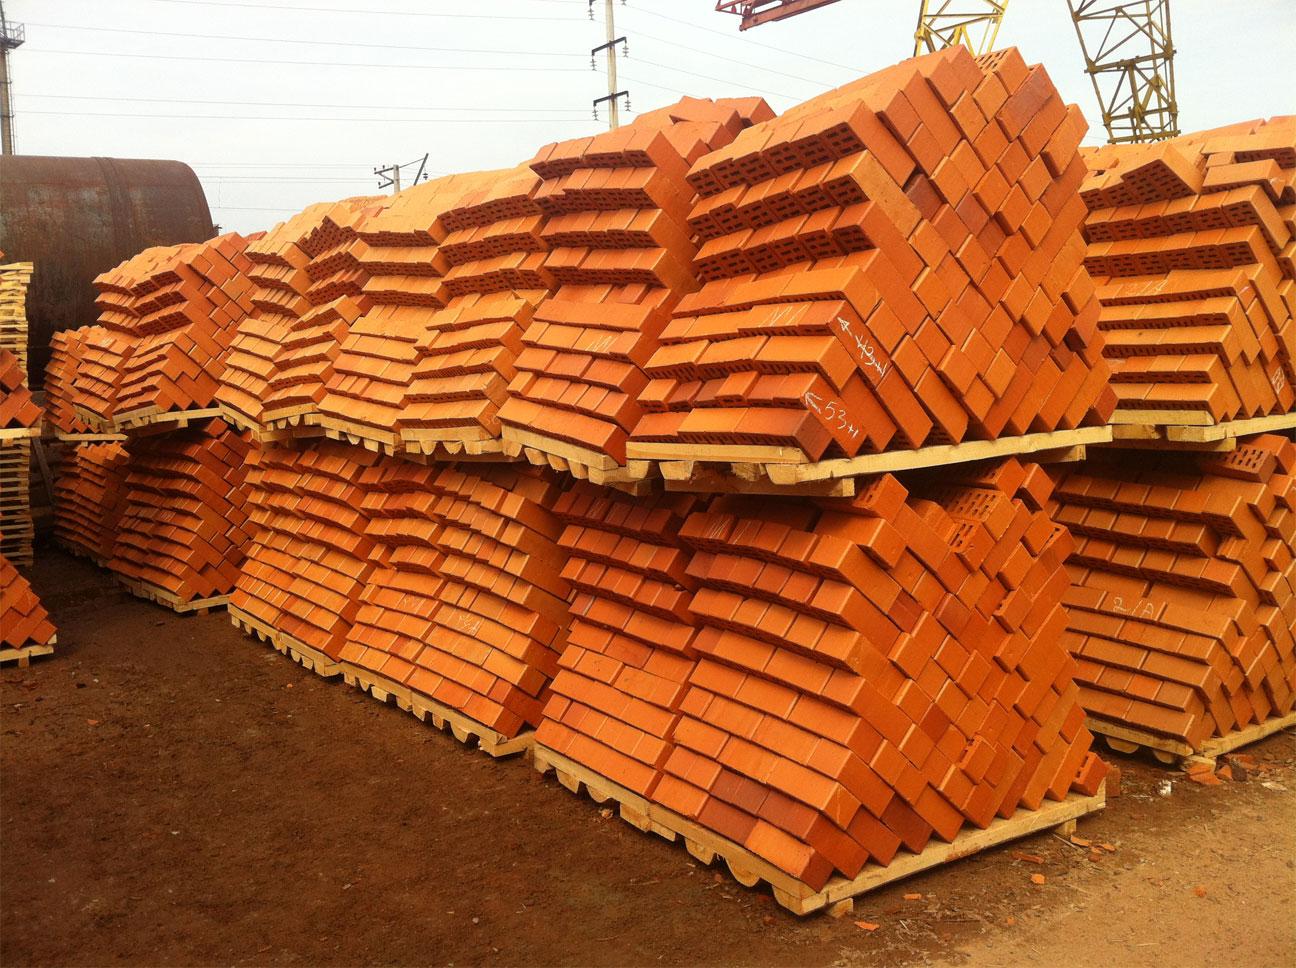 How many cubed bricks 2